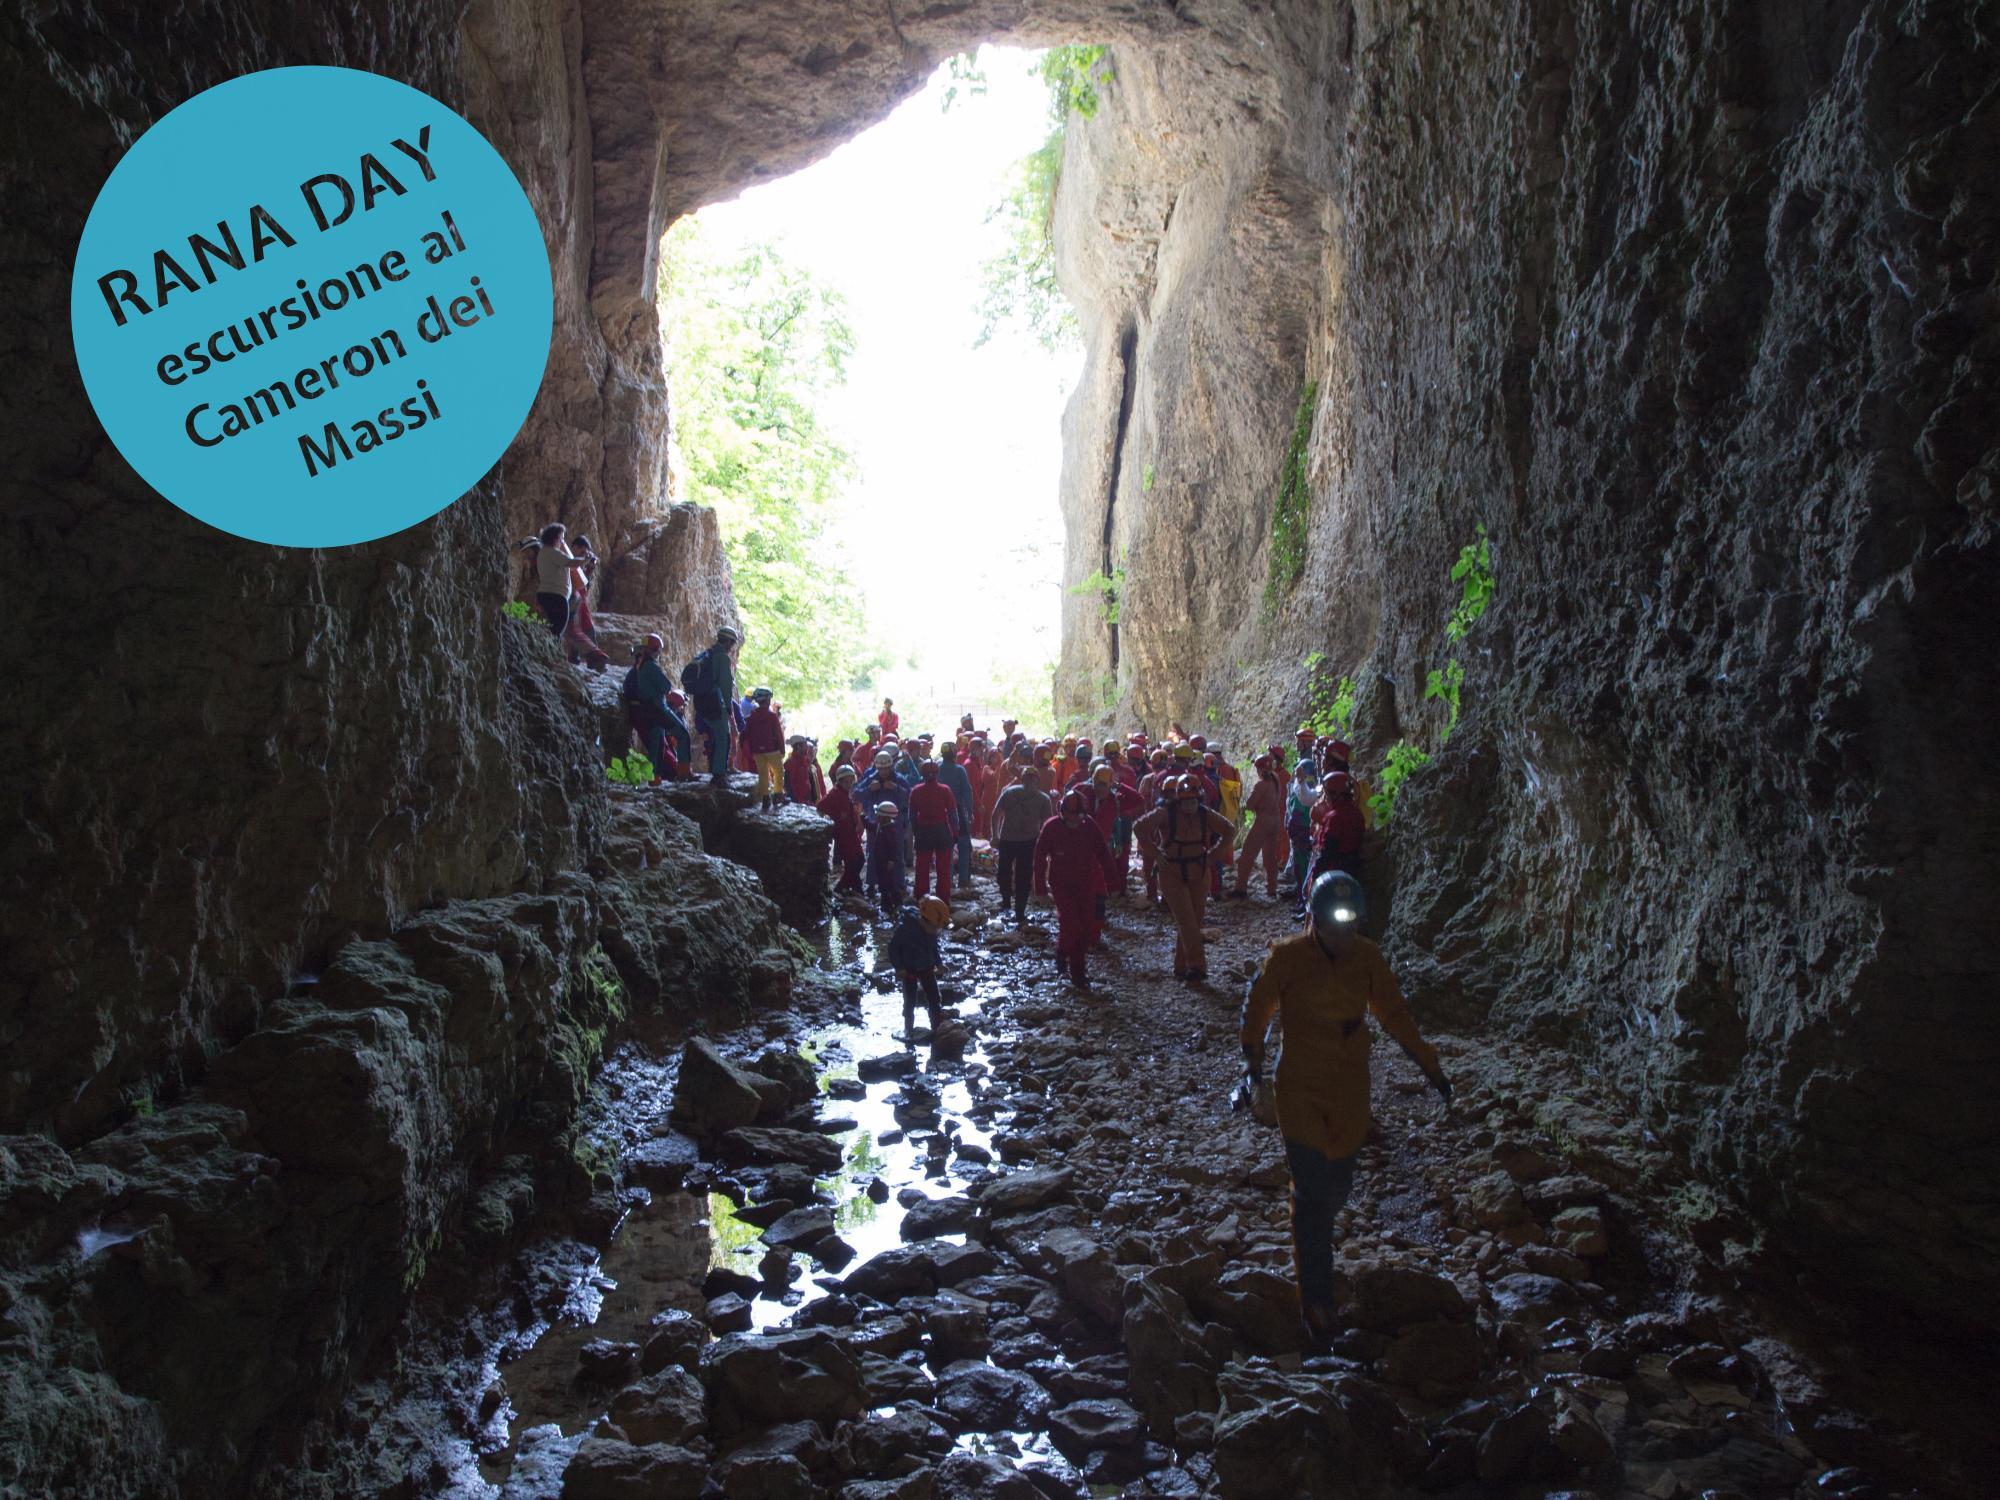 Di Dei Day Cameron Via Malo Massi Lunga Rana Monte Escursione wPA6n1